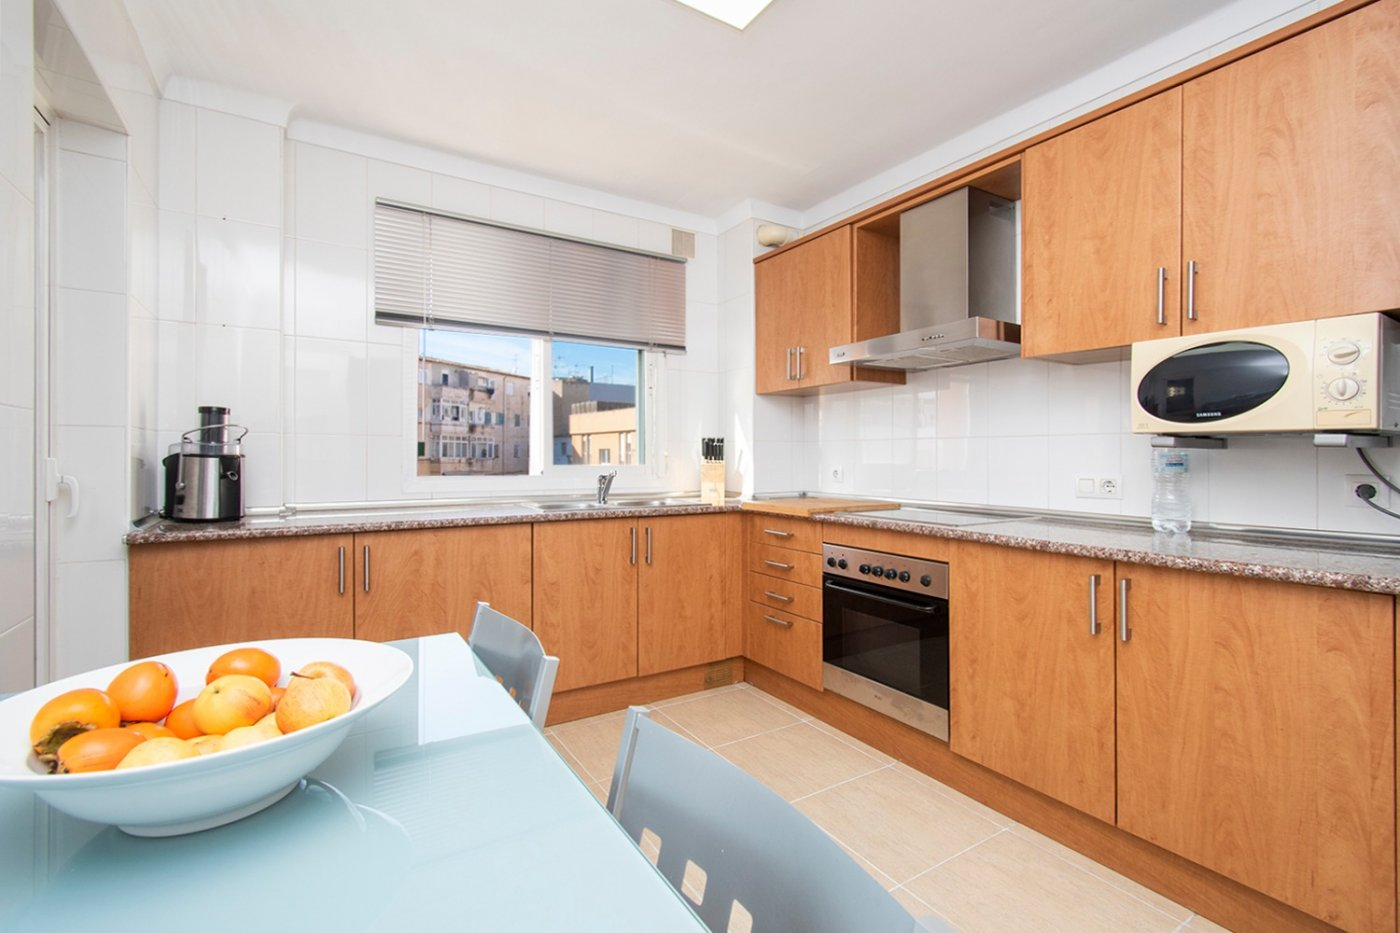 Ático-dÚplex de 3 habitaciones con terraza en planta en pedro garau (parking opcional) - imagenInmueble3